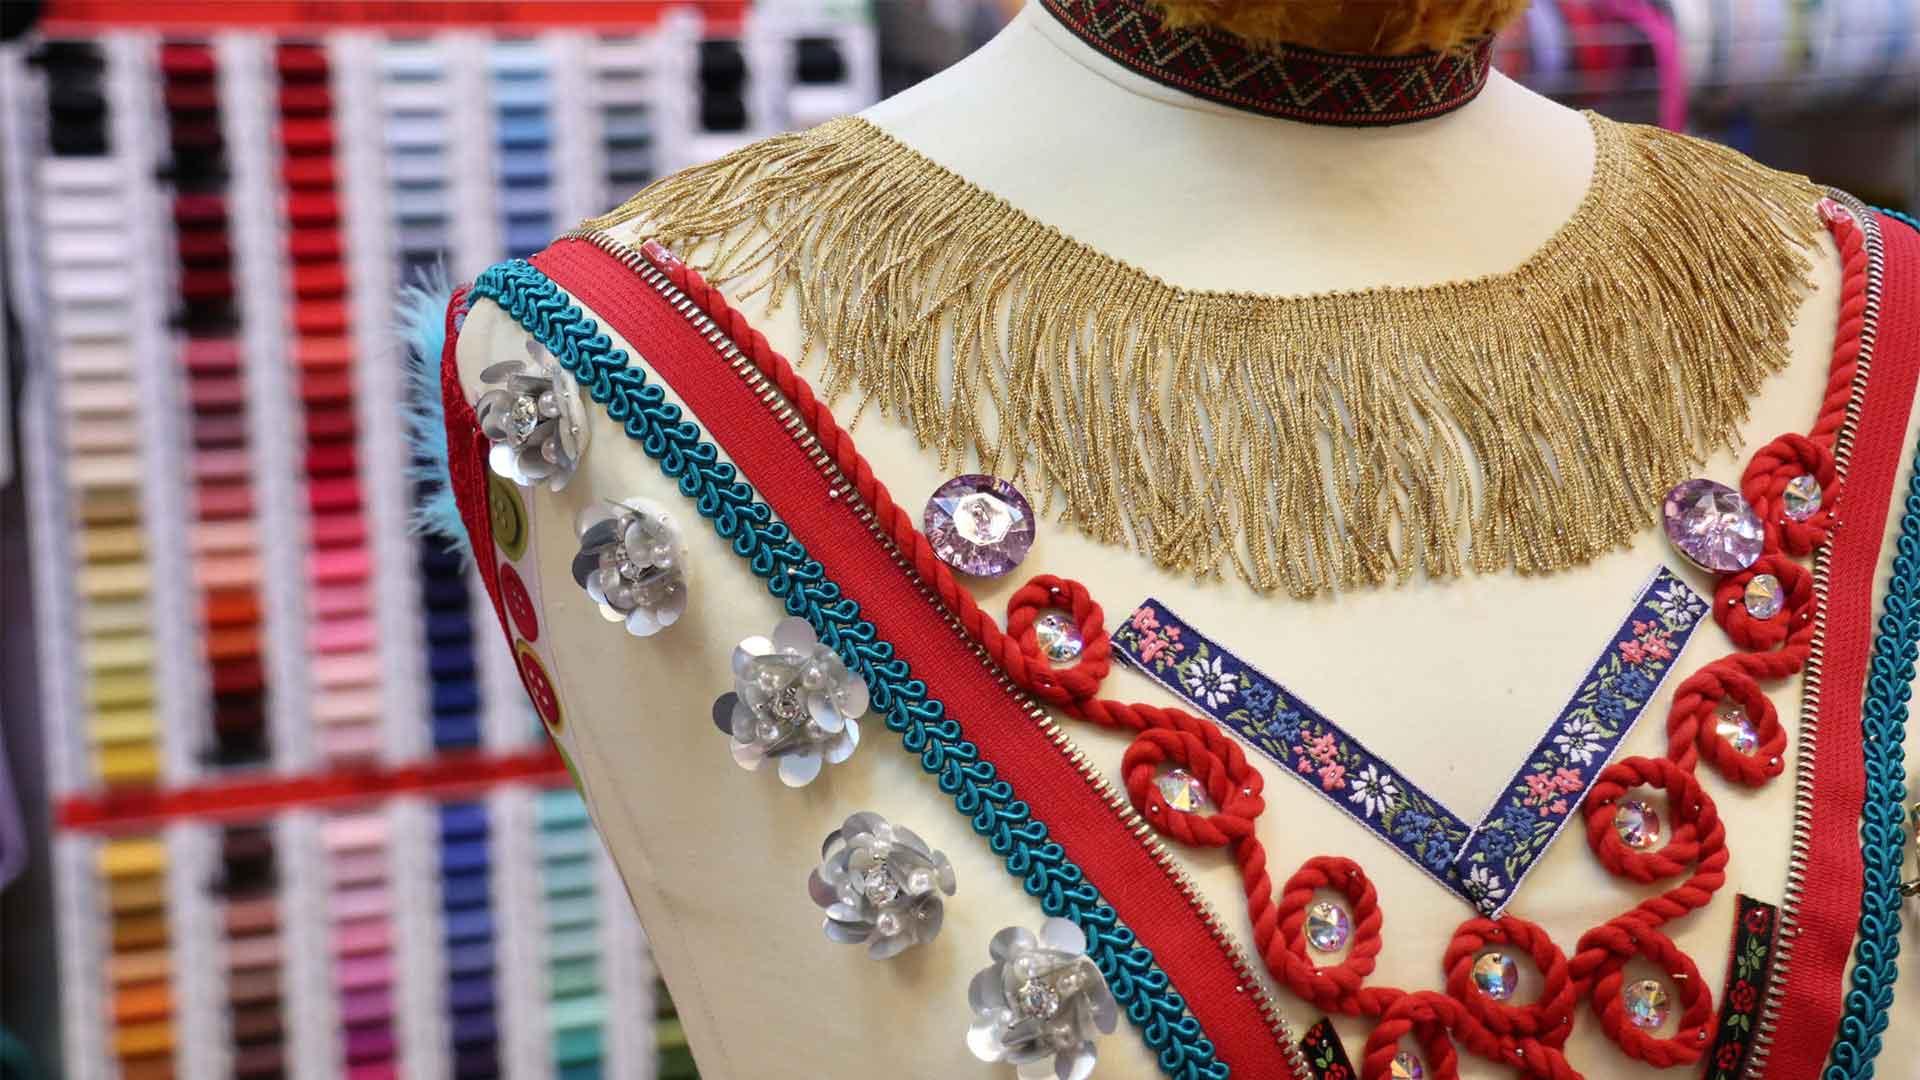 Godt utvalg av sytilbehør finner du hos Rainbow Tekstil på Design By Me